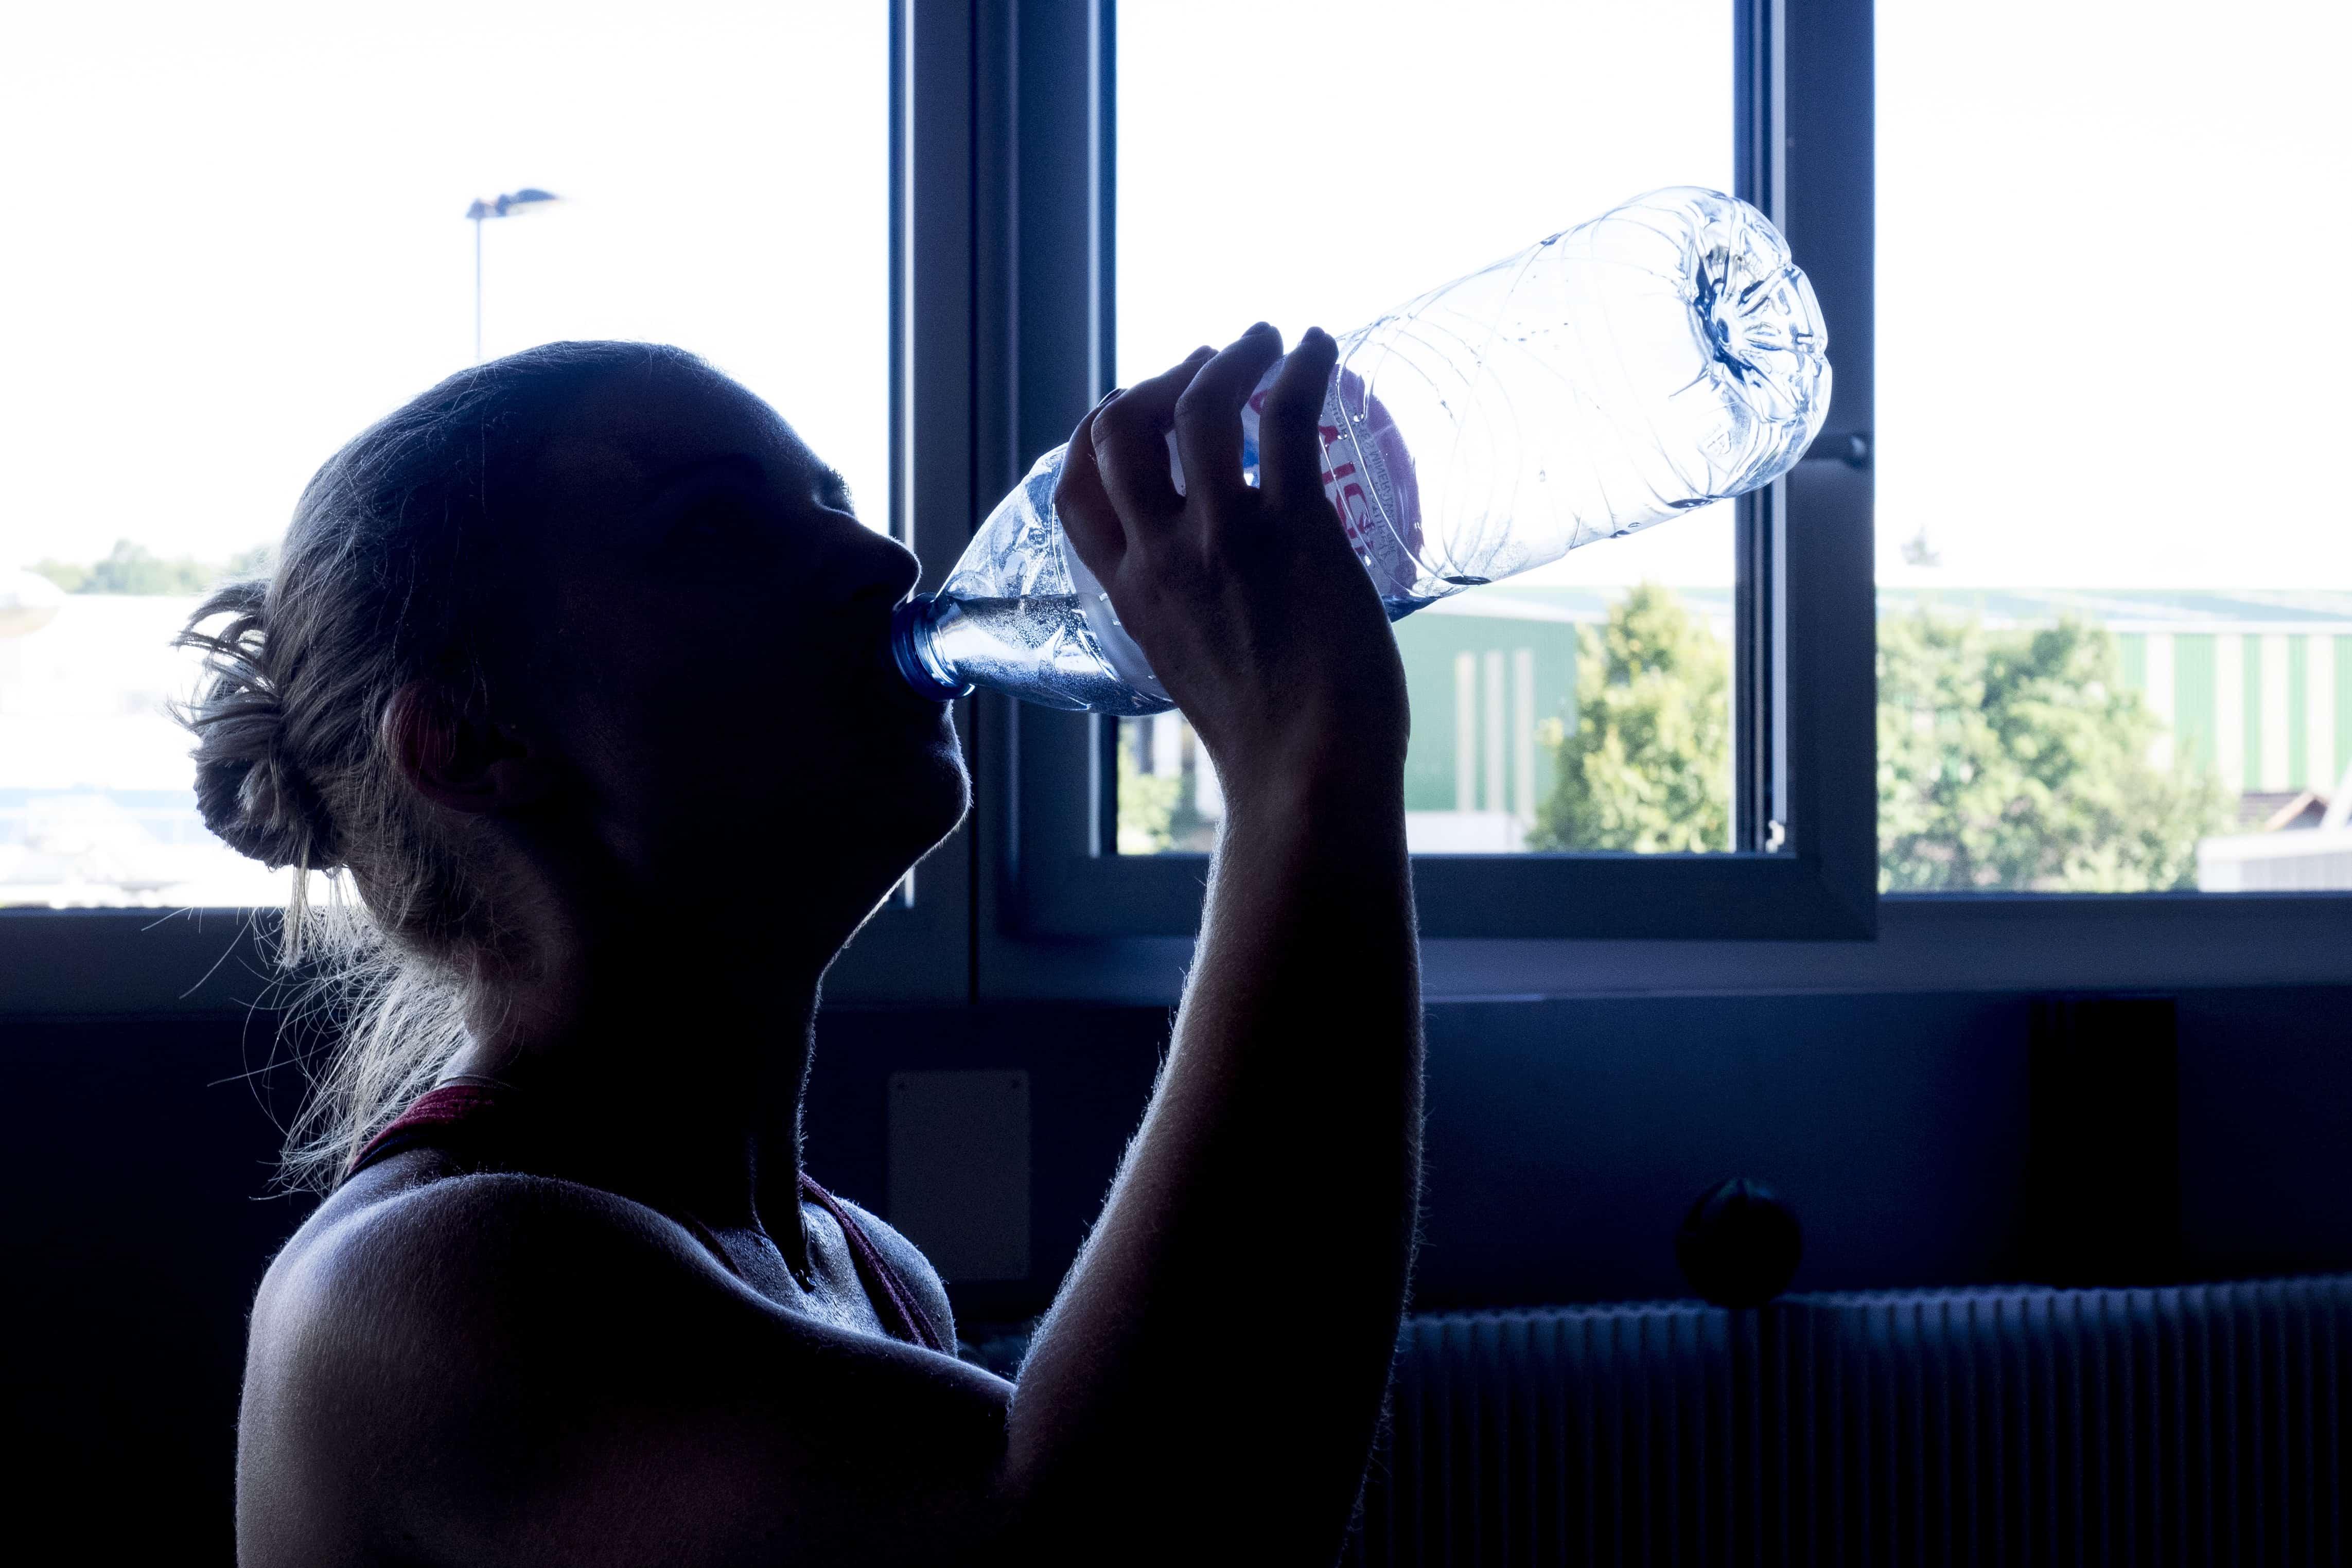 Wassertrinkende Frau mit dem richtigen Mindset zum fit werden